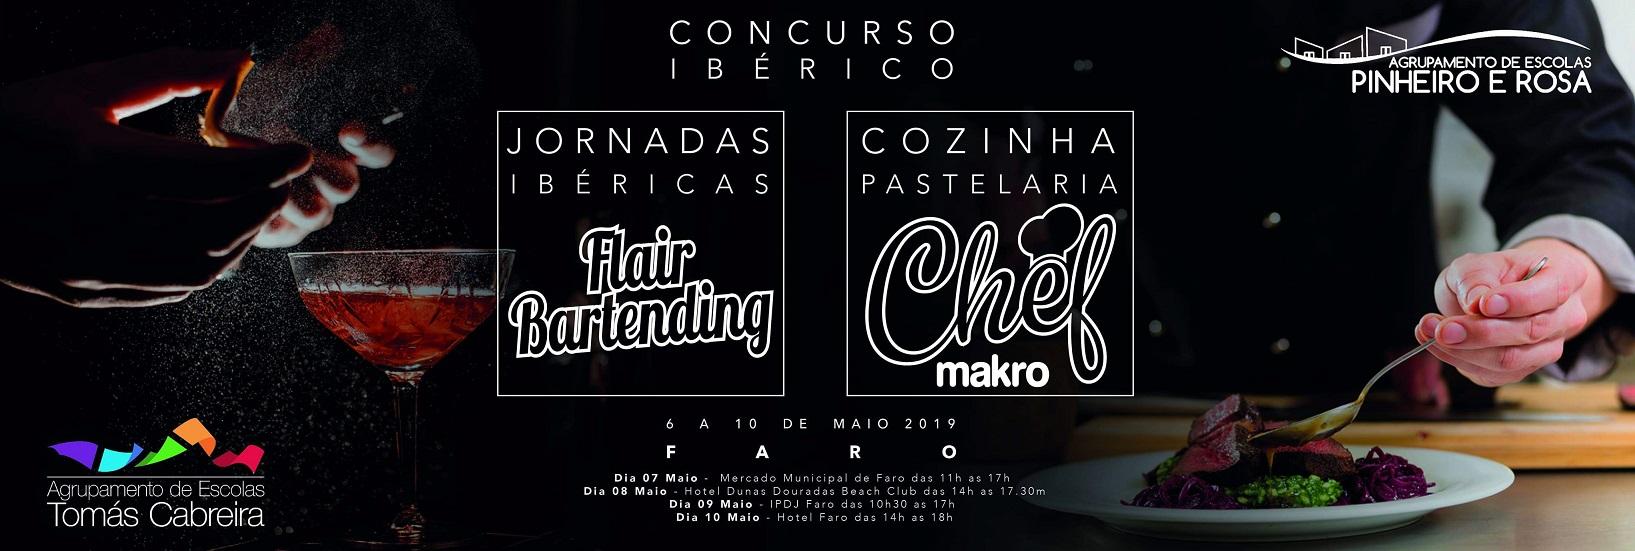 Cartaz_Concuso